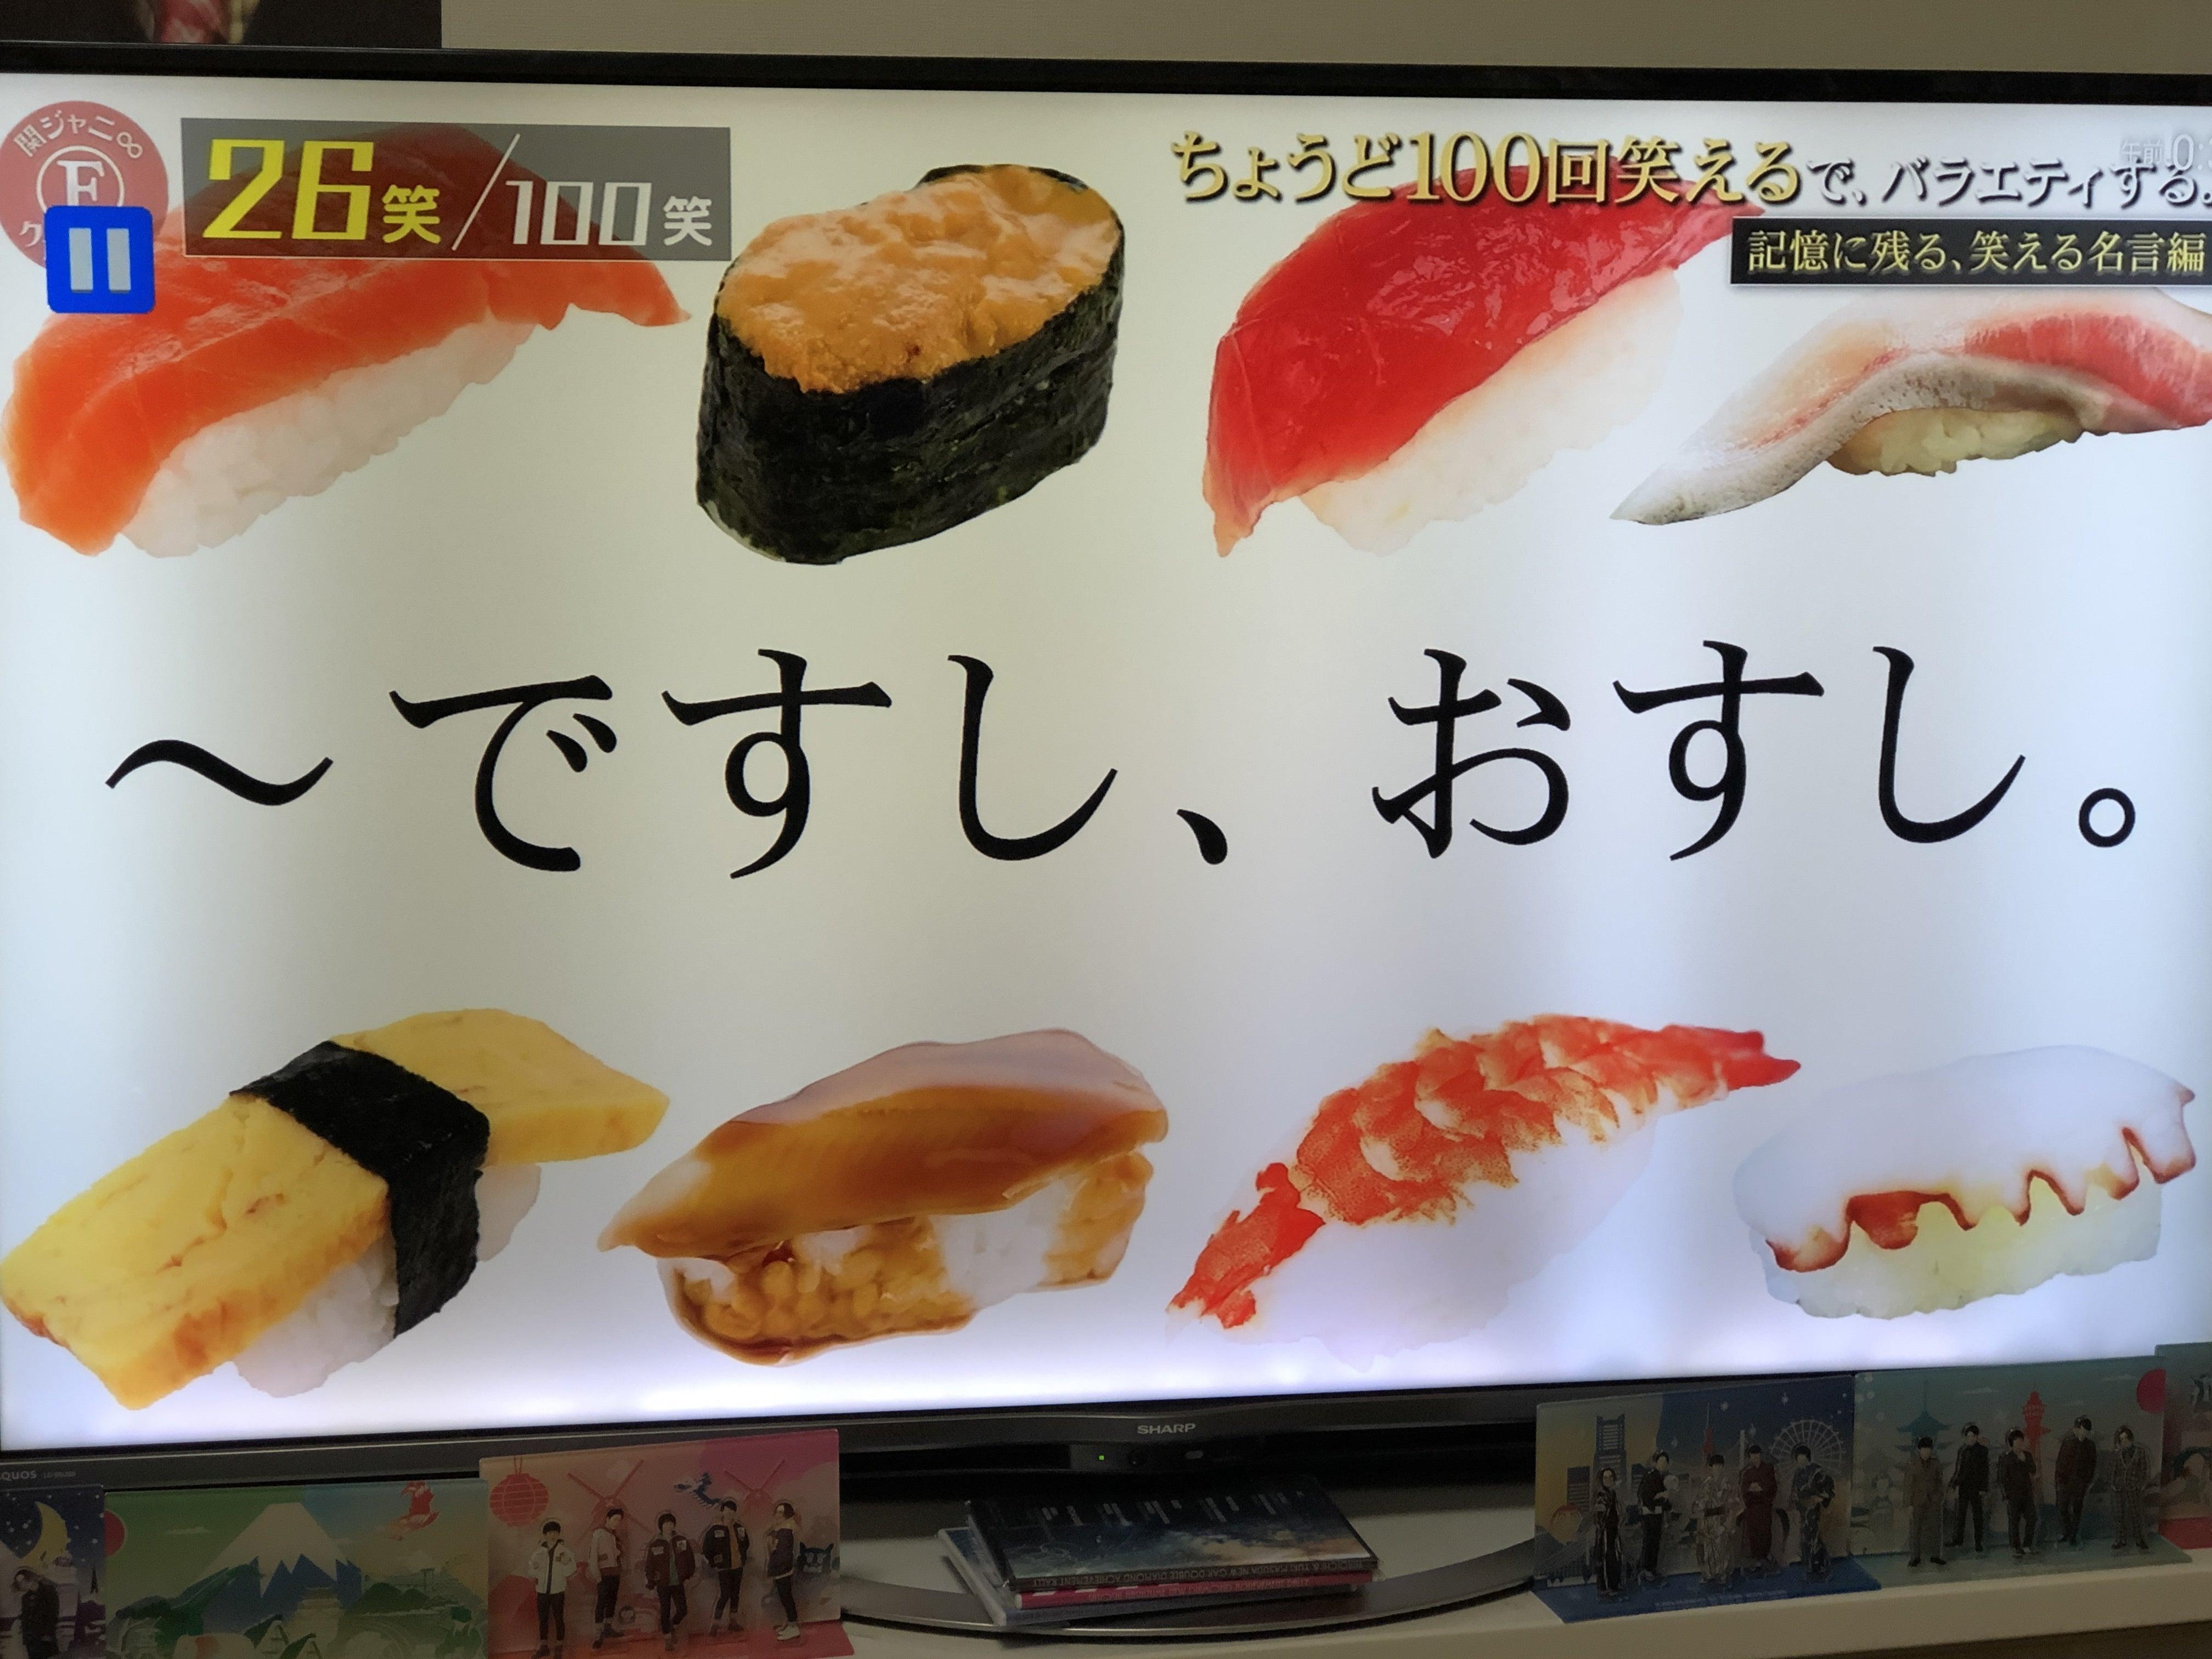 寿司 関 ジャニ 壁紙 お